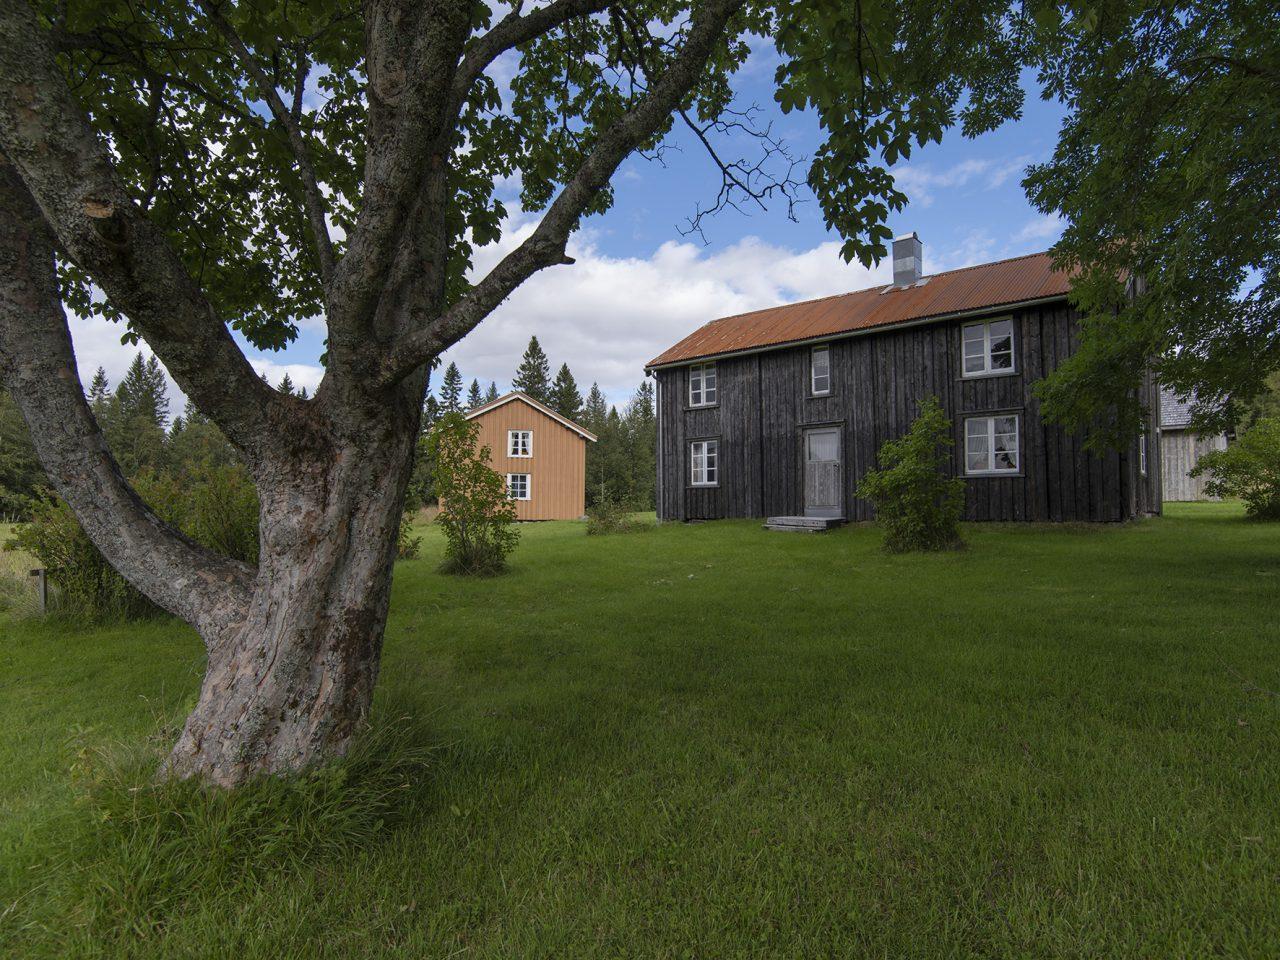 Hus og omgivelser på Bindal bygdetun